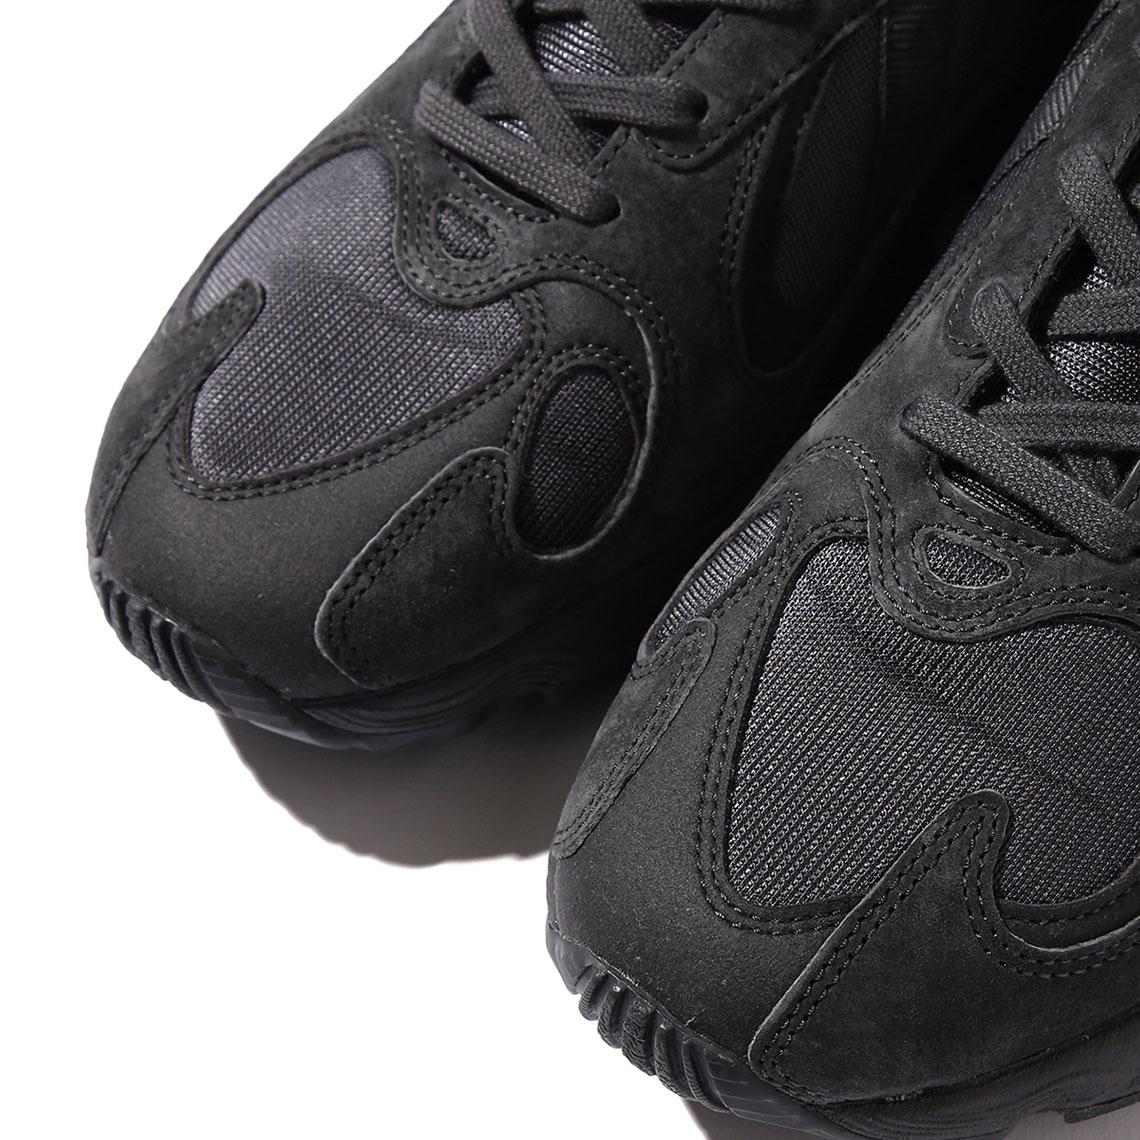 official photos 0bdb1 e51d6 BEAMS adidas Yung 1 Triple Black Release Info  SneakerNews.c